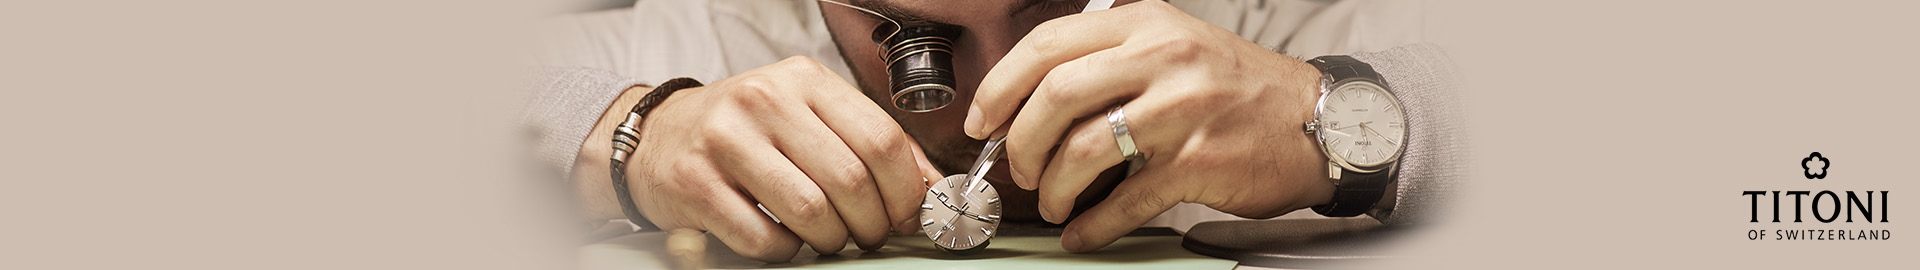 Titoni men's watches Zazare Diamonds